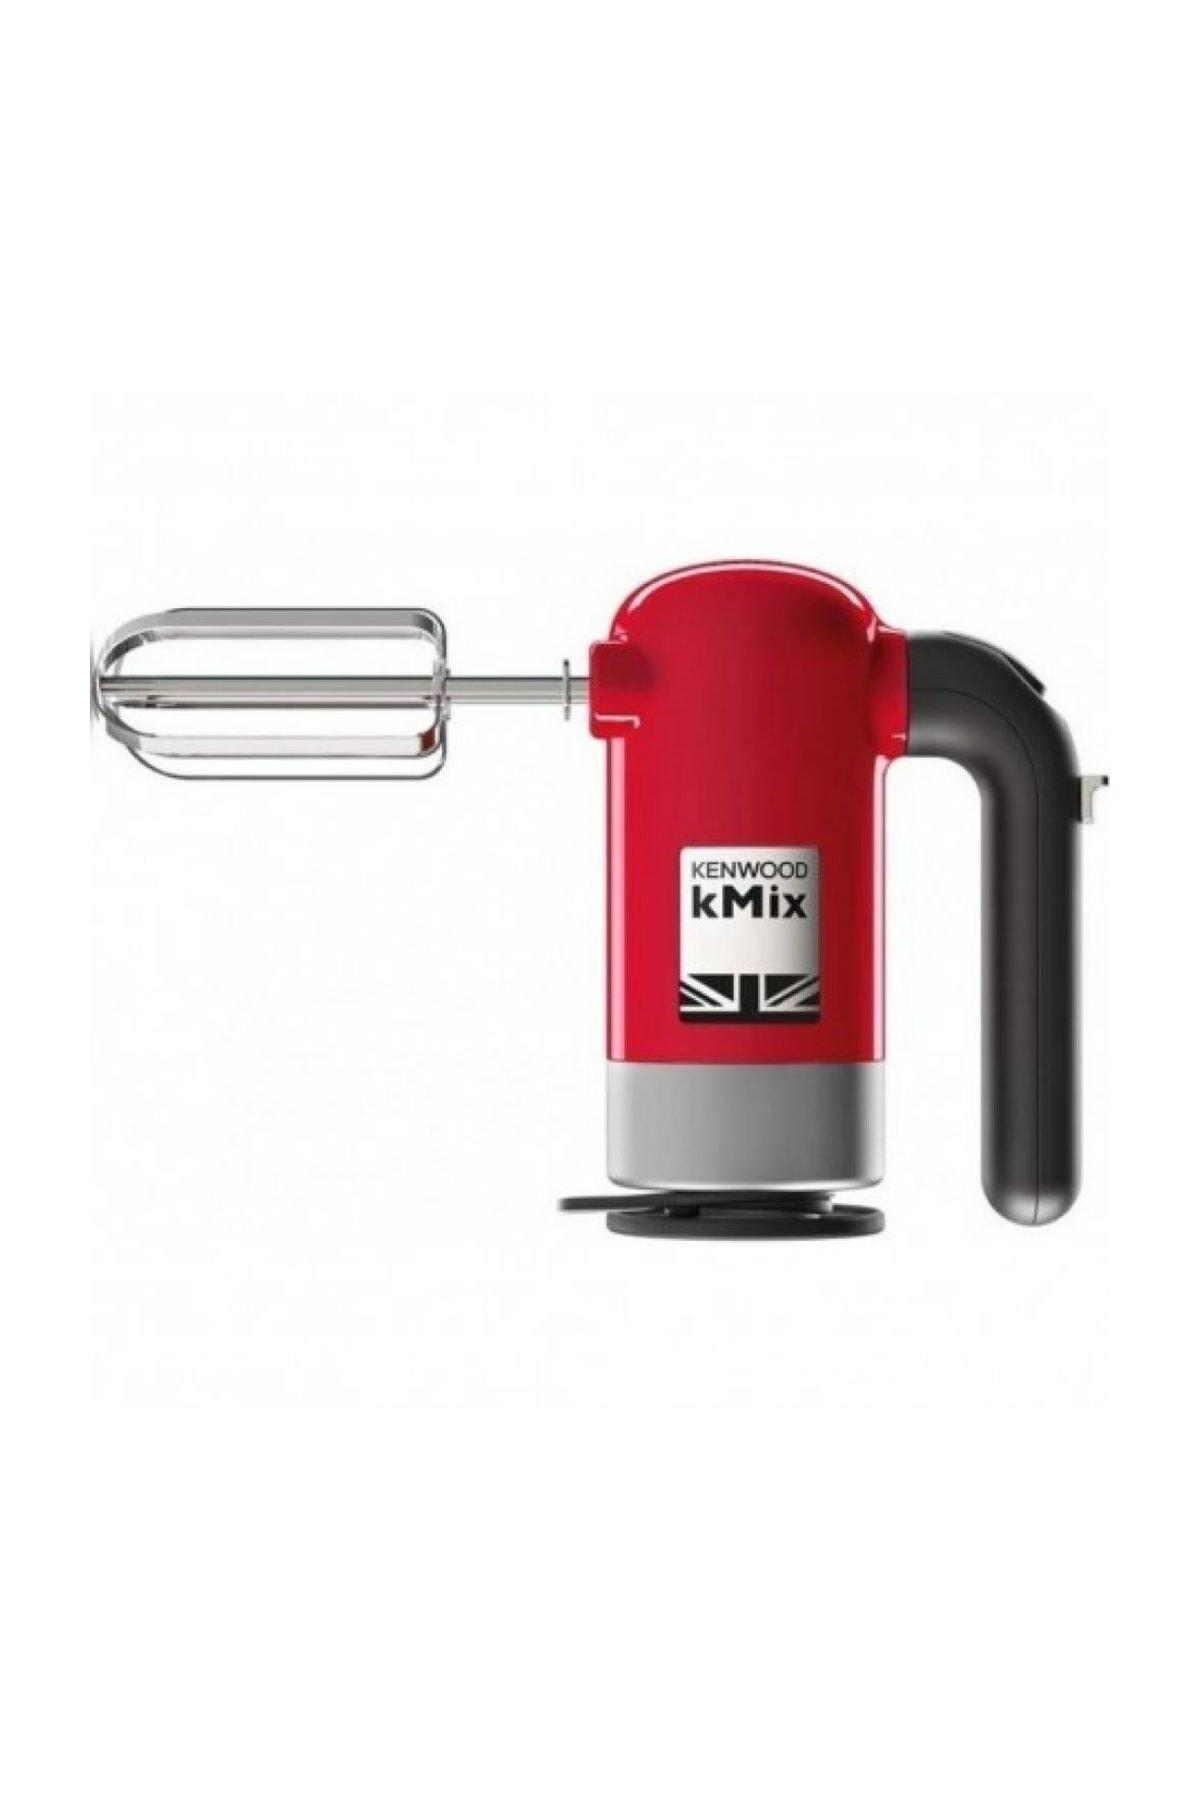 DELONGHİ Kenwood HMX750RD Mikser 2